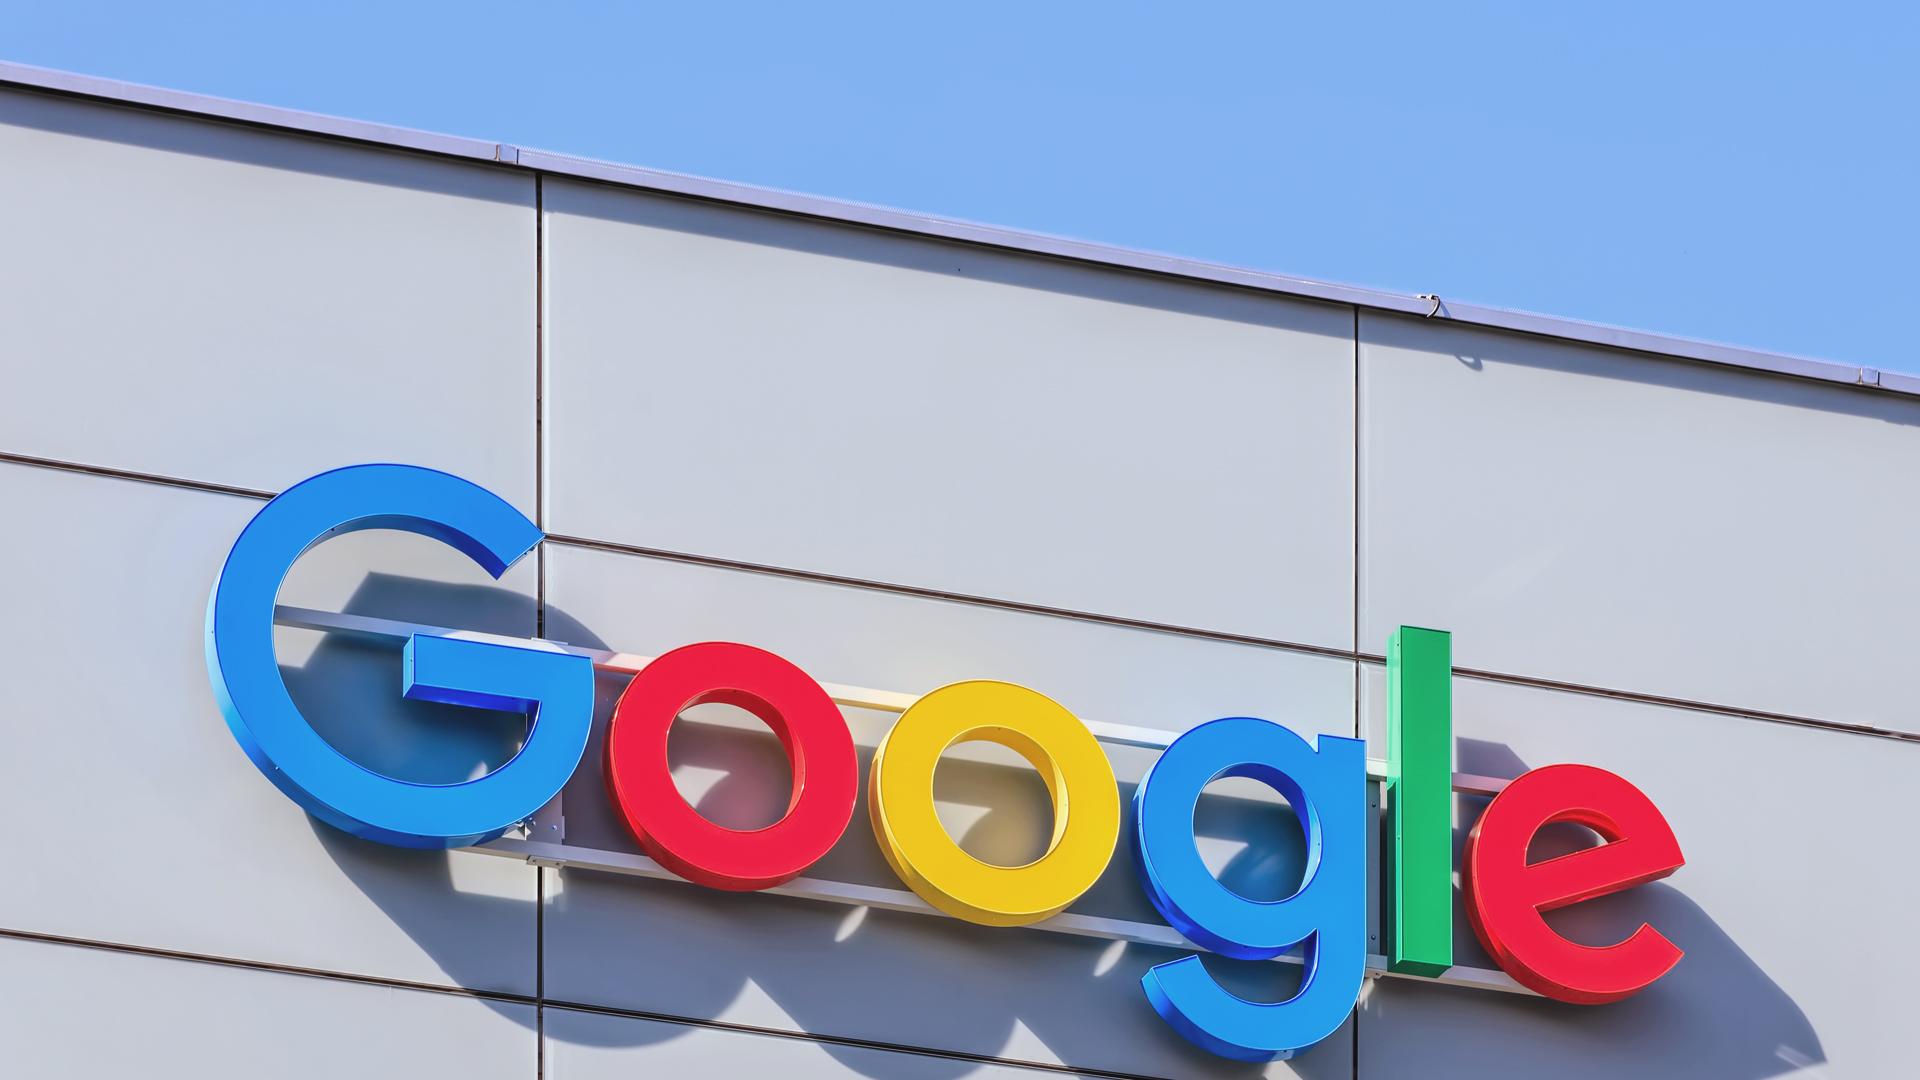 Vêm aí os remédios bioeletrônicos do Google